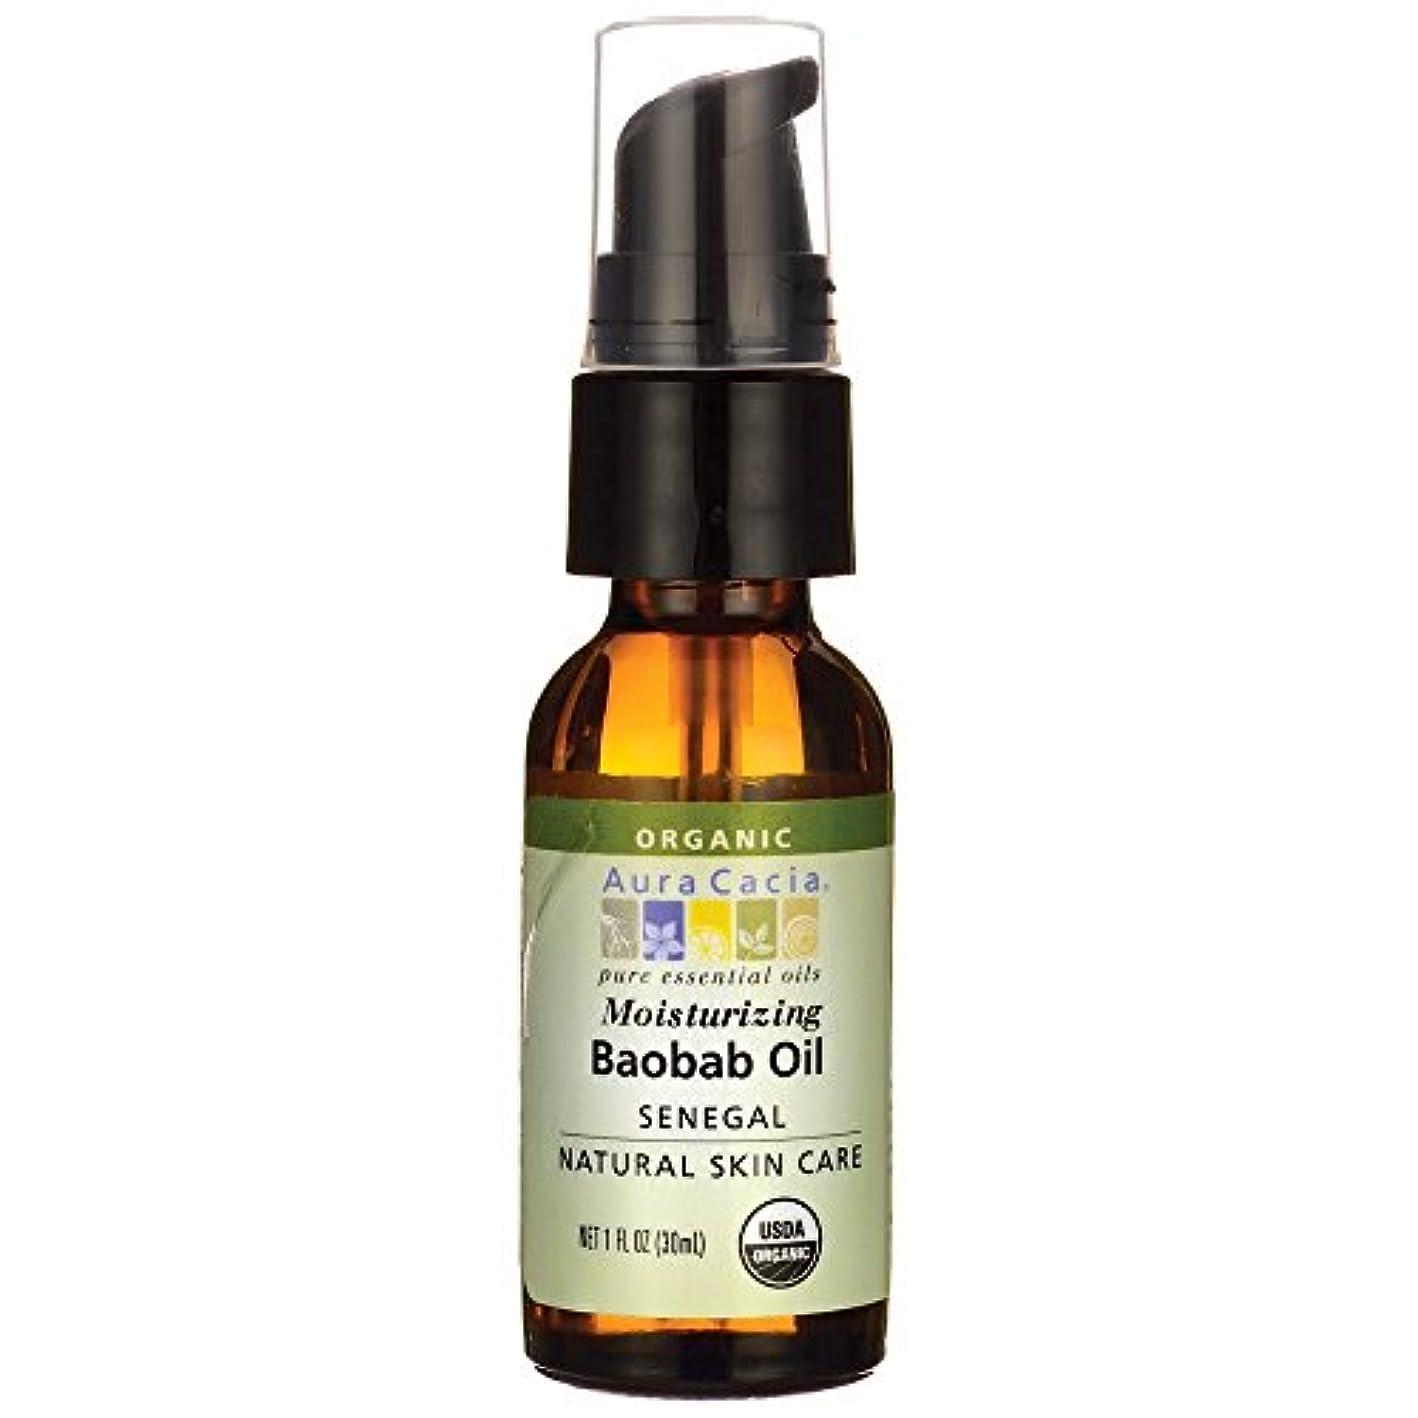 せせらぎ命題約束する[海外直送品] Aura Cacia オーガニック バオバブ オイル 30ml Organic Baobab Oil 1 fl oz [ヘルスケア&ケア用品]